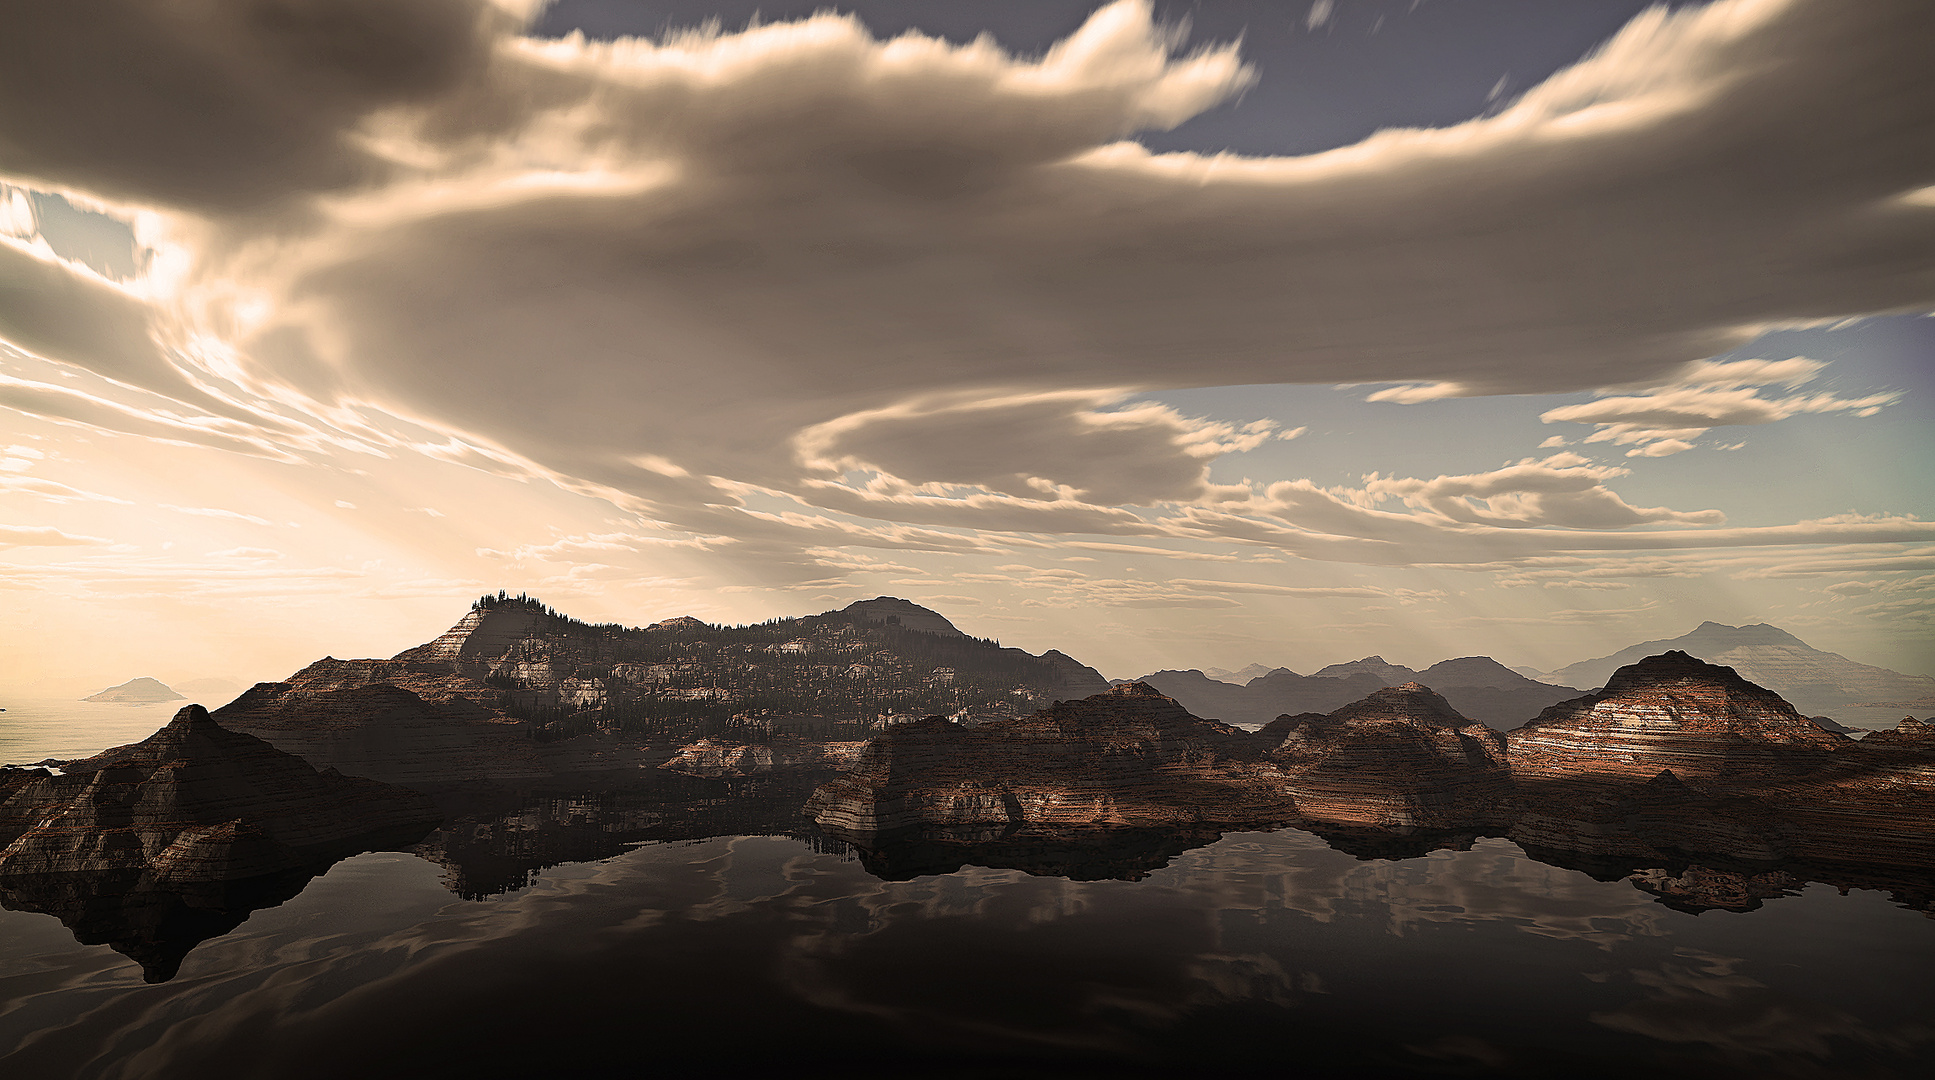 landscape_21